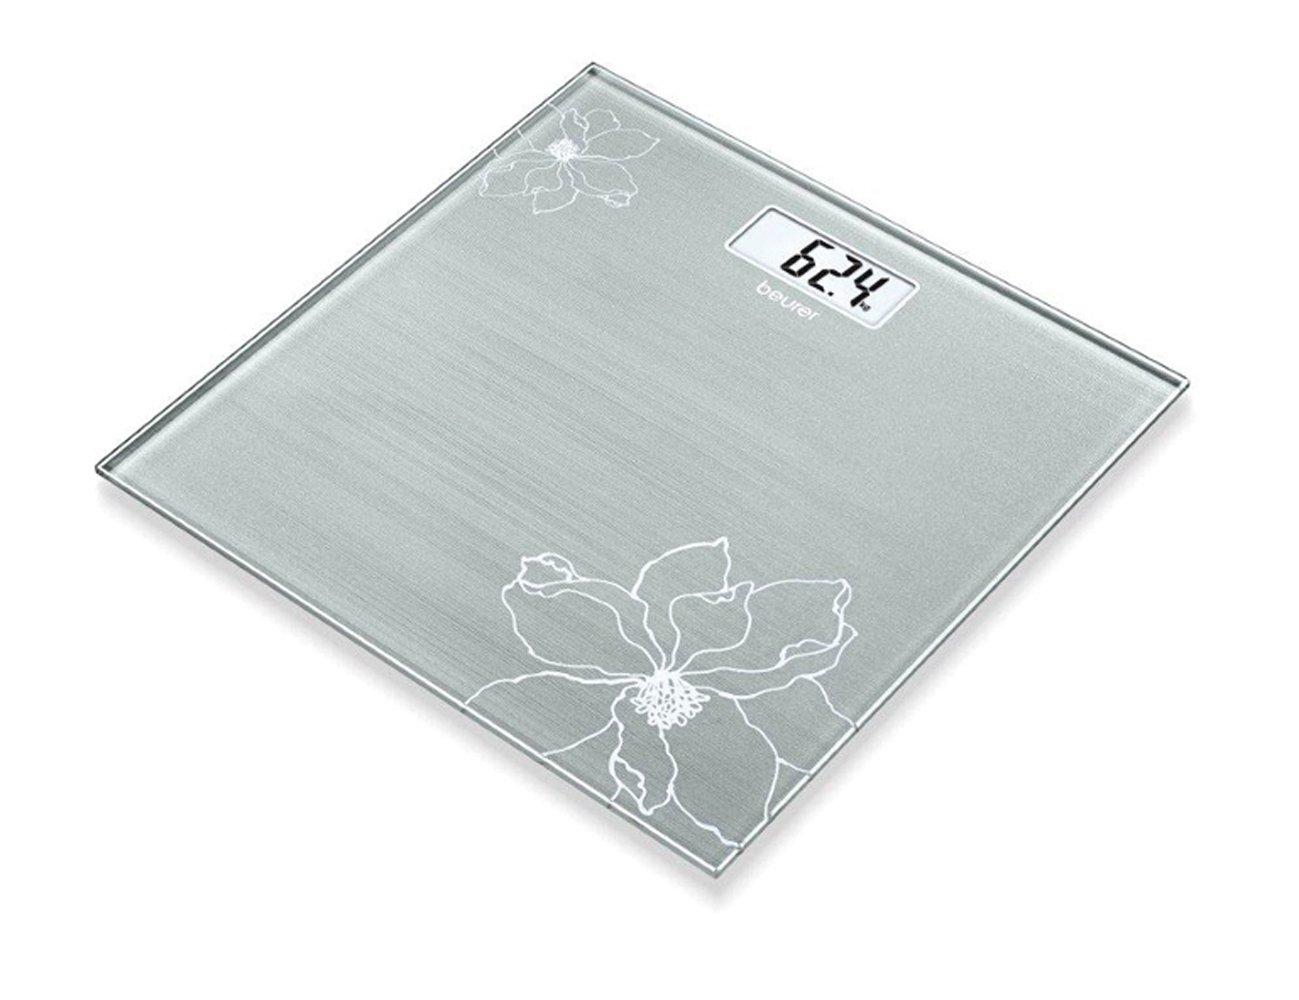 Beurer GS-10 - Báscula de vidrio digital